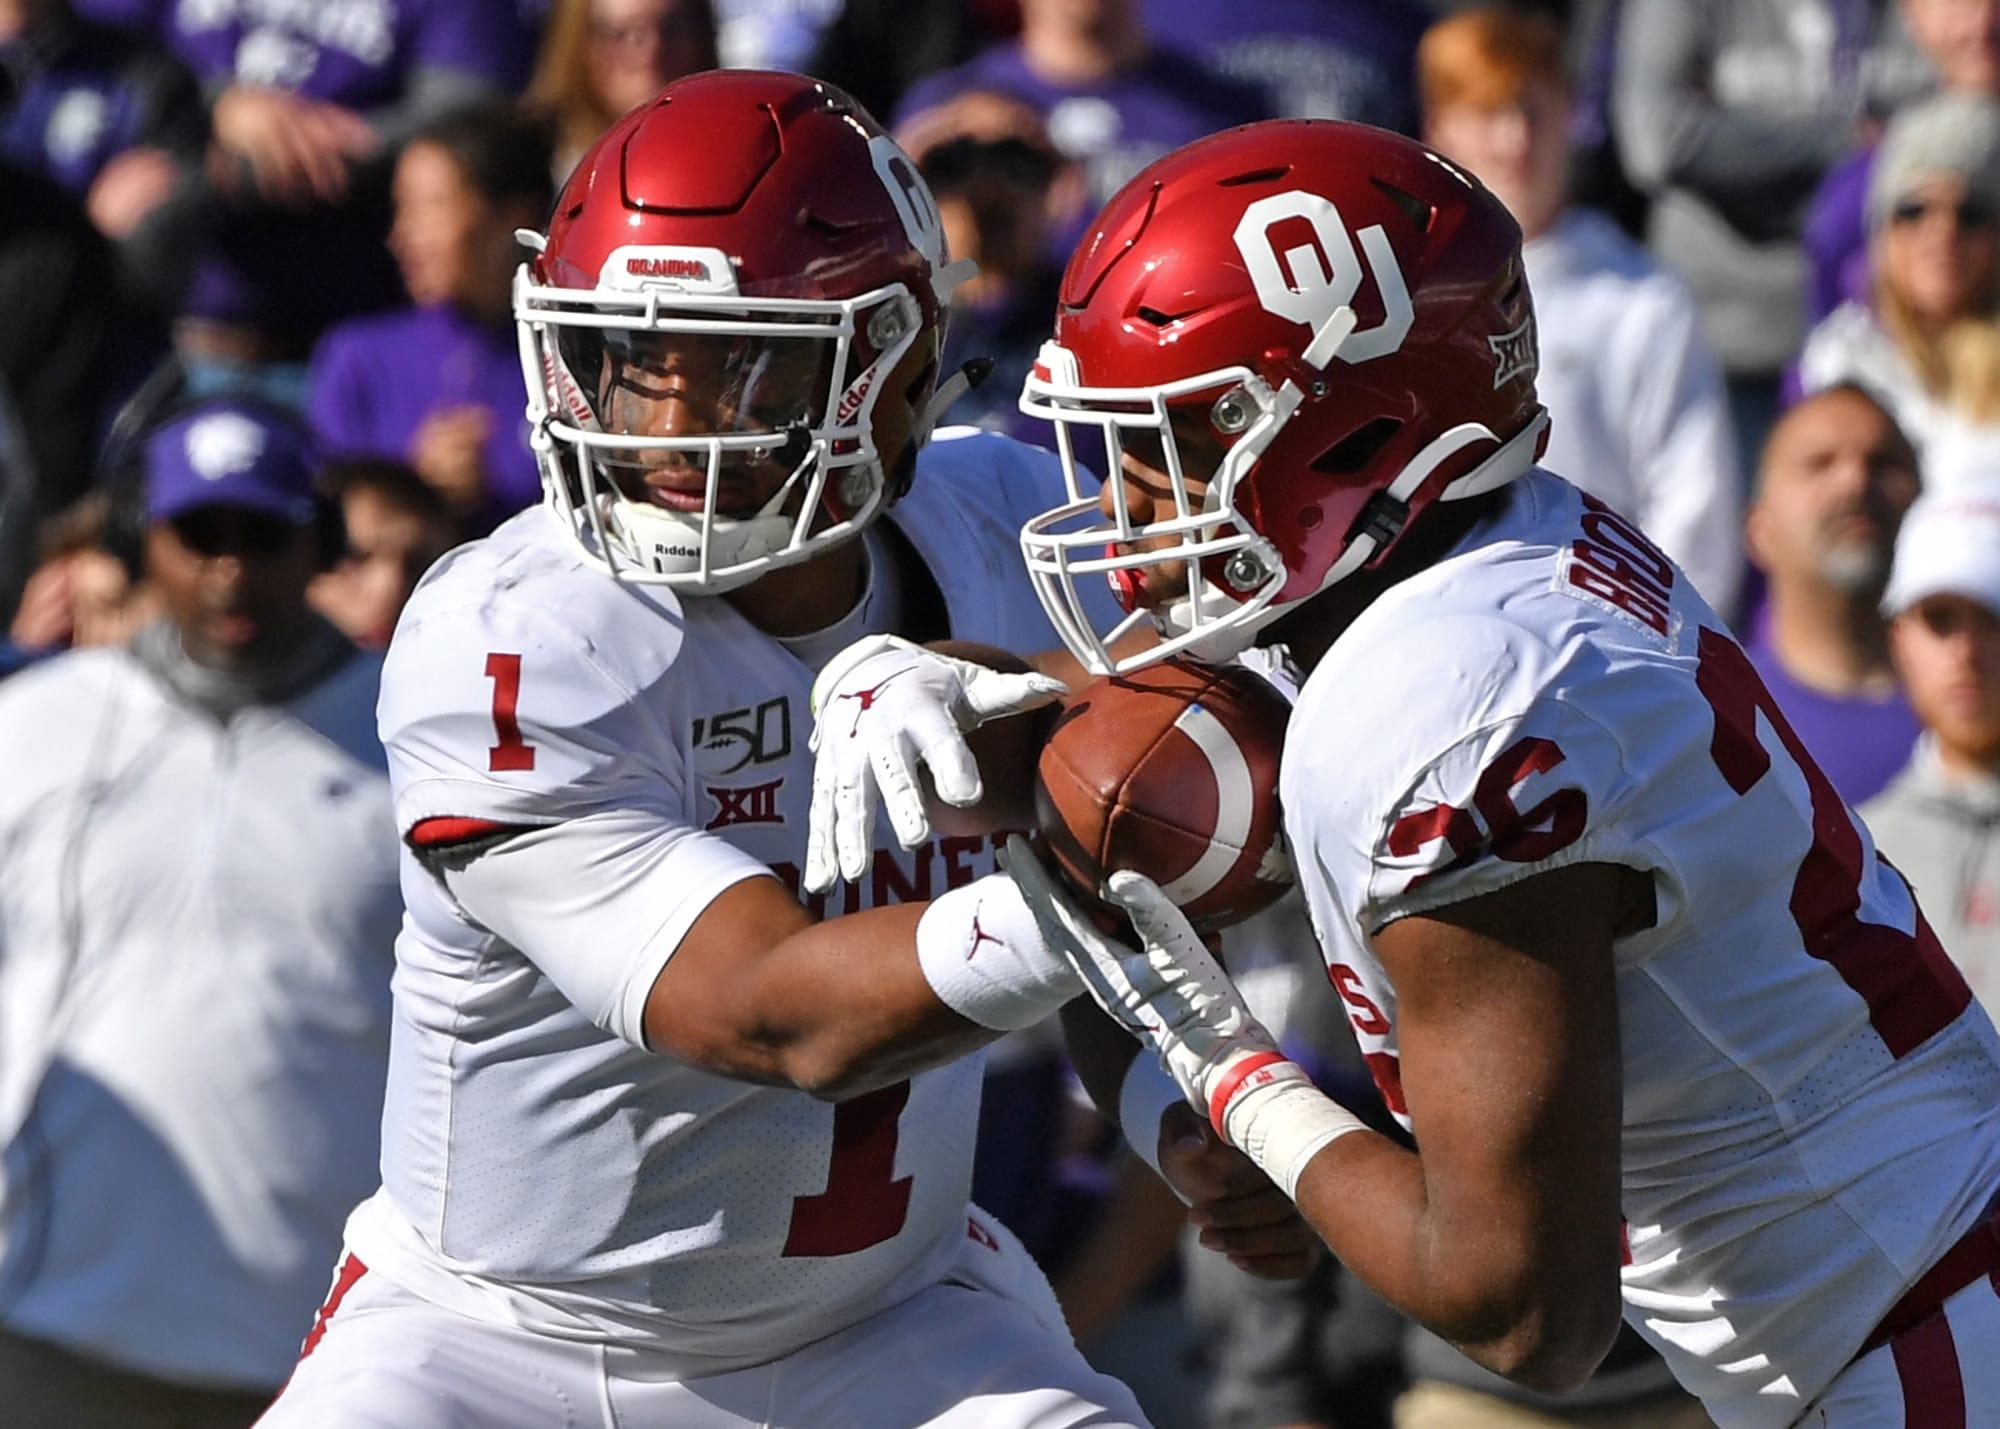 Oklahoma football: OU's 'Air Raid' belies real offensive weapon